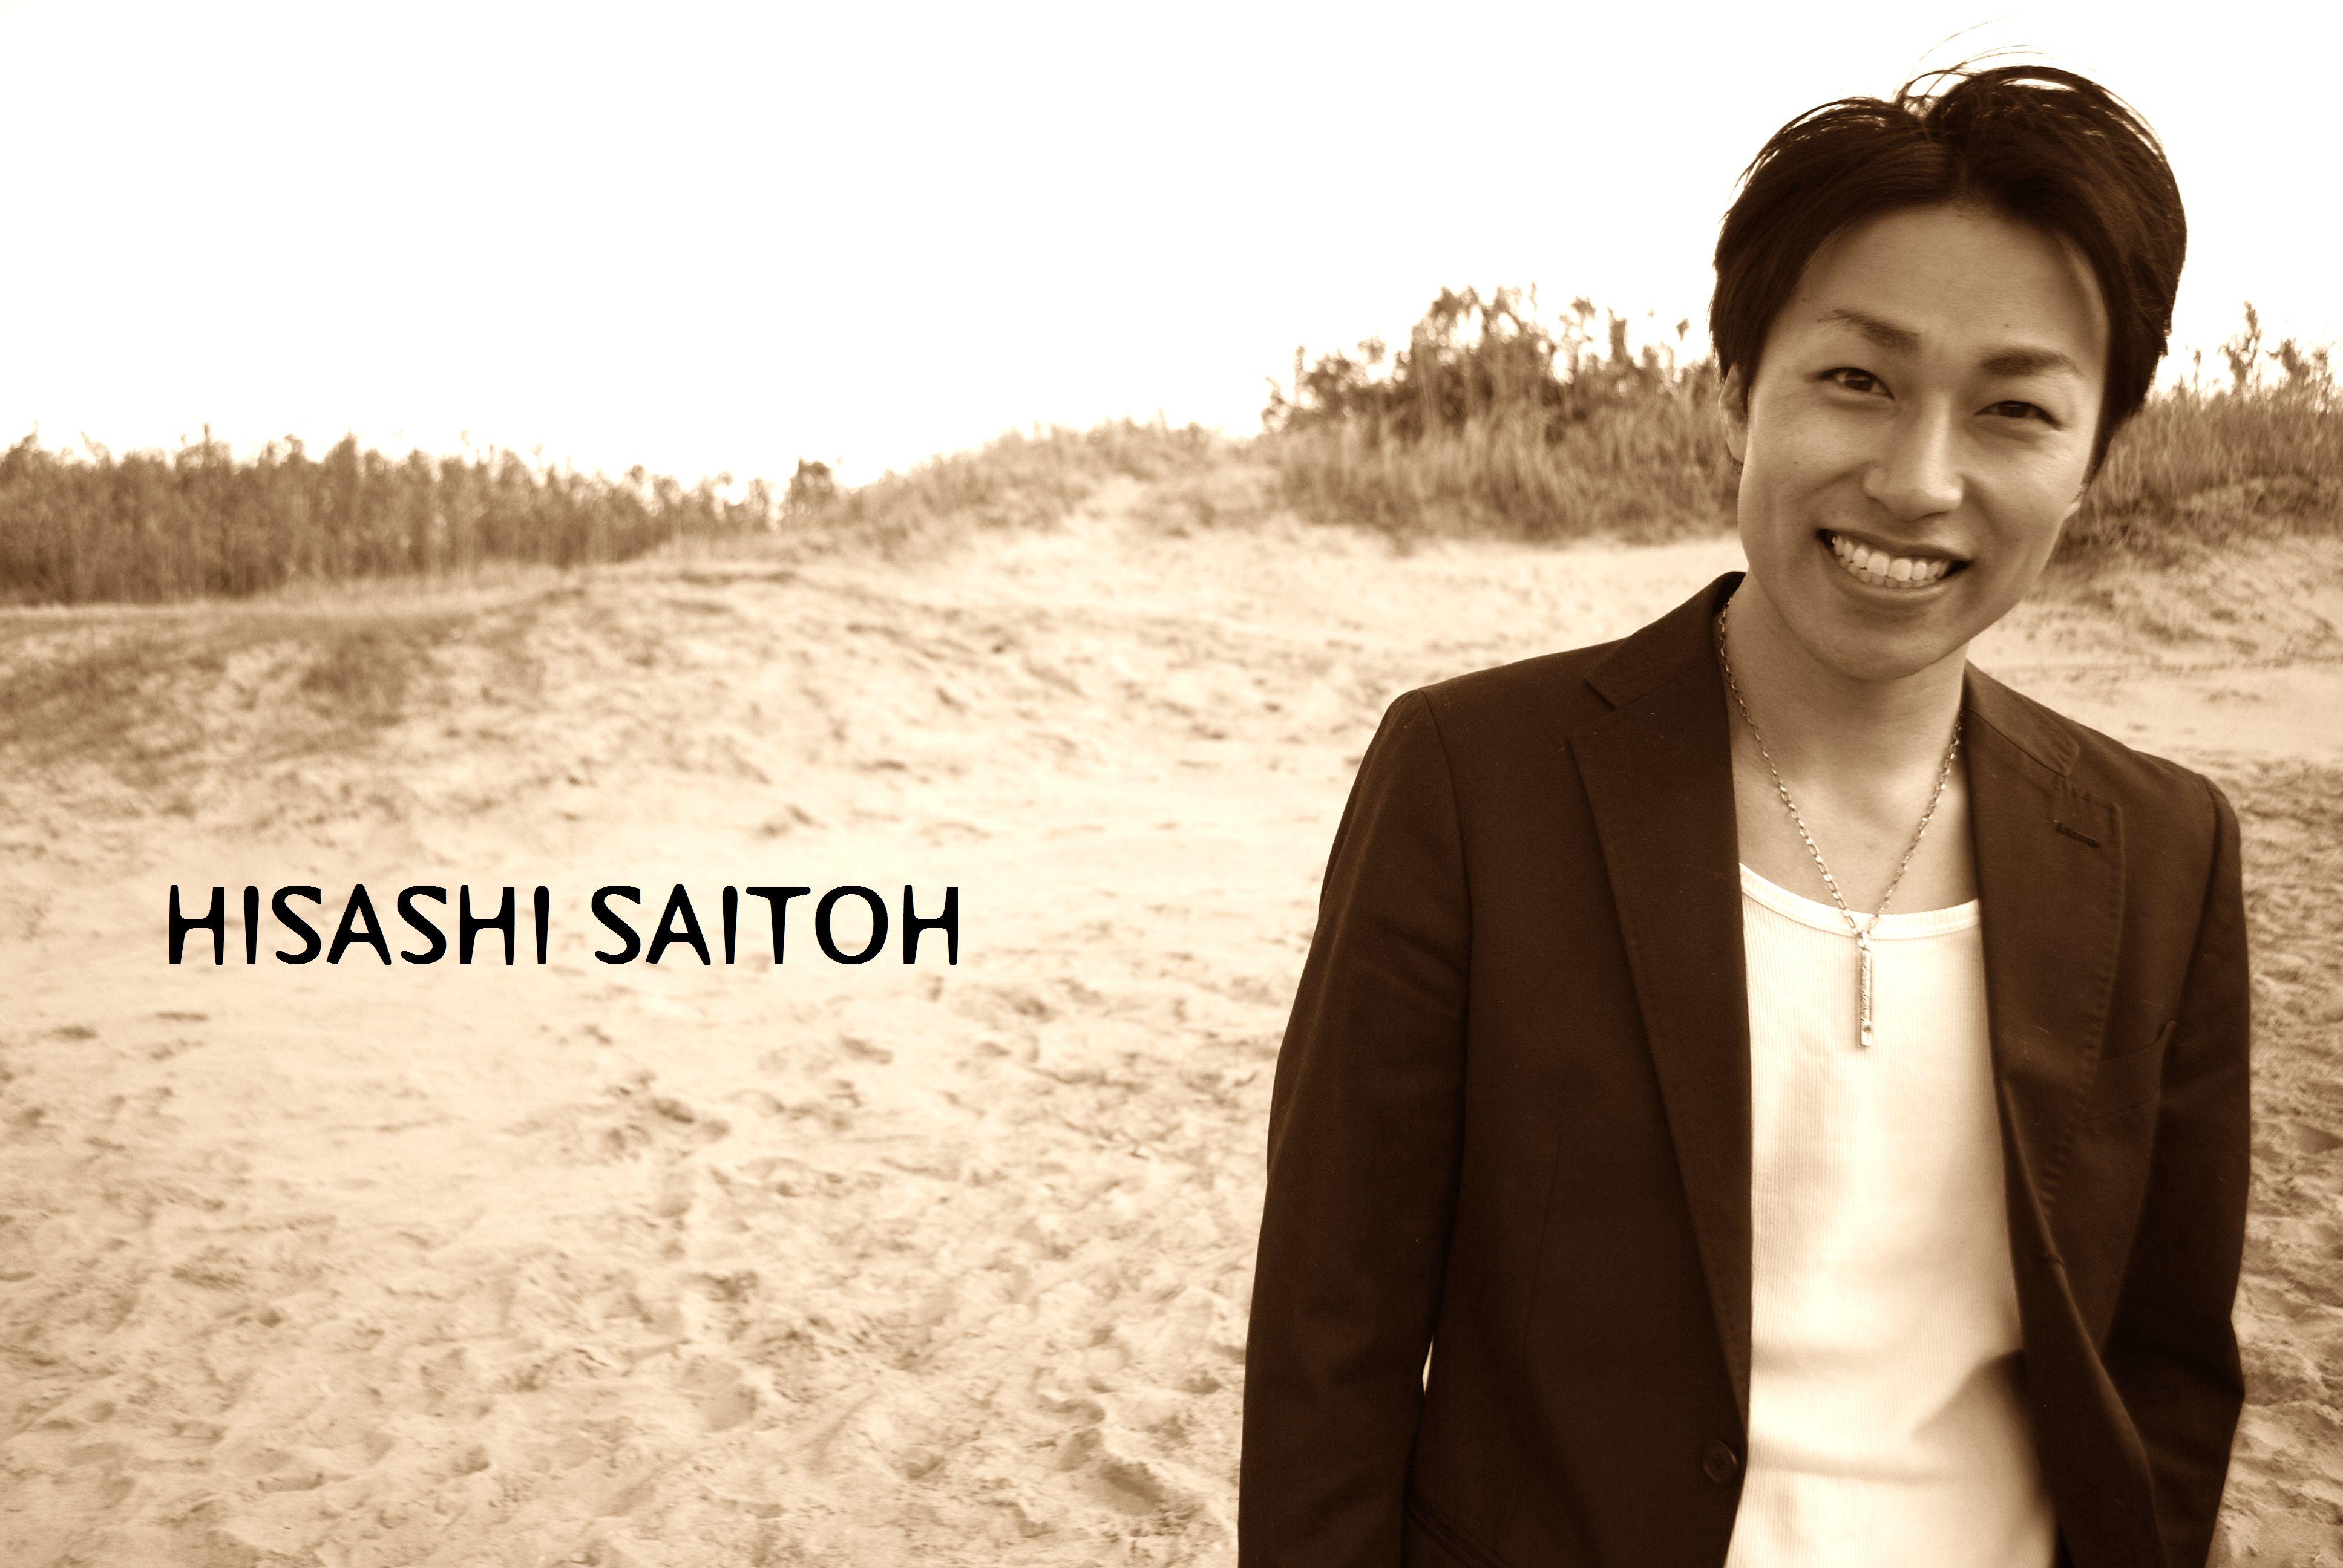 HISASHI SAITOH